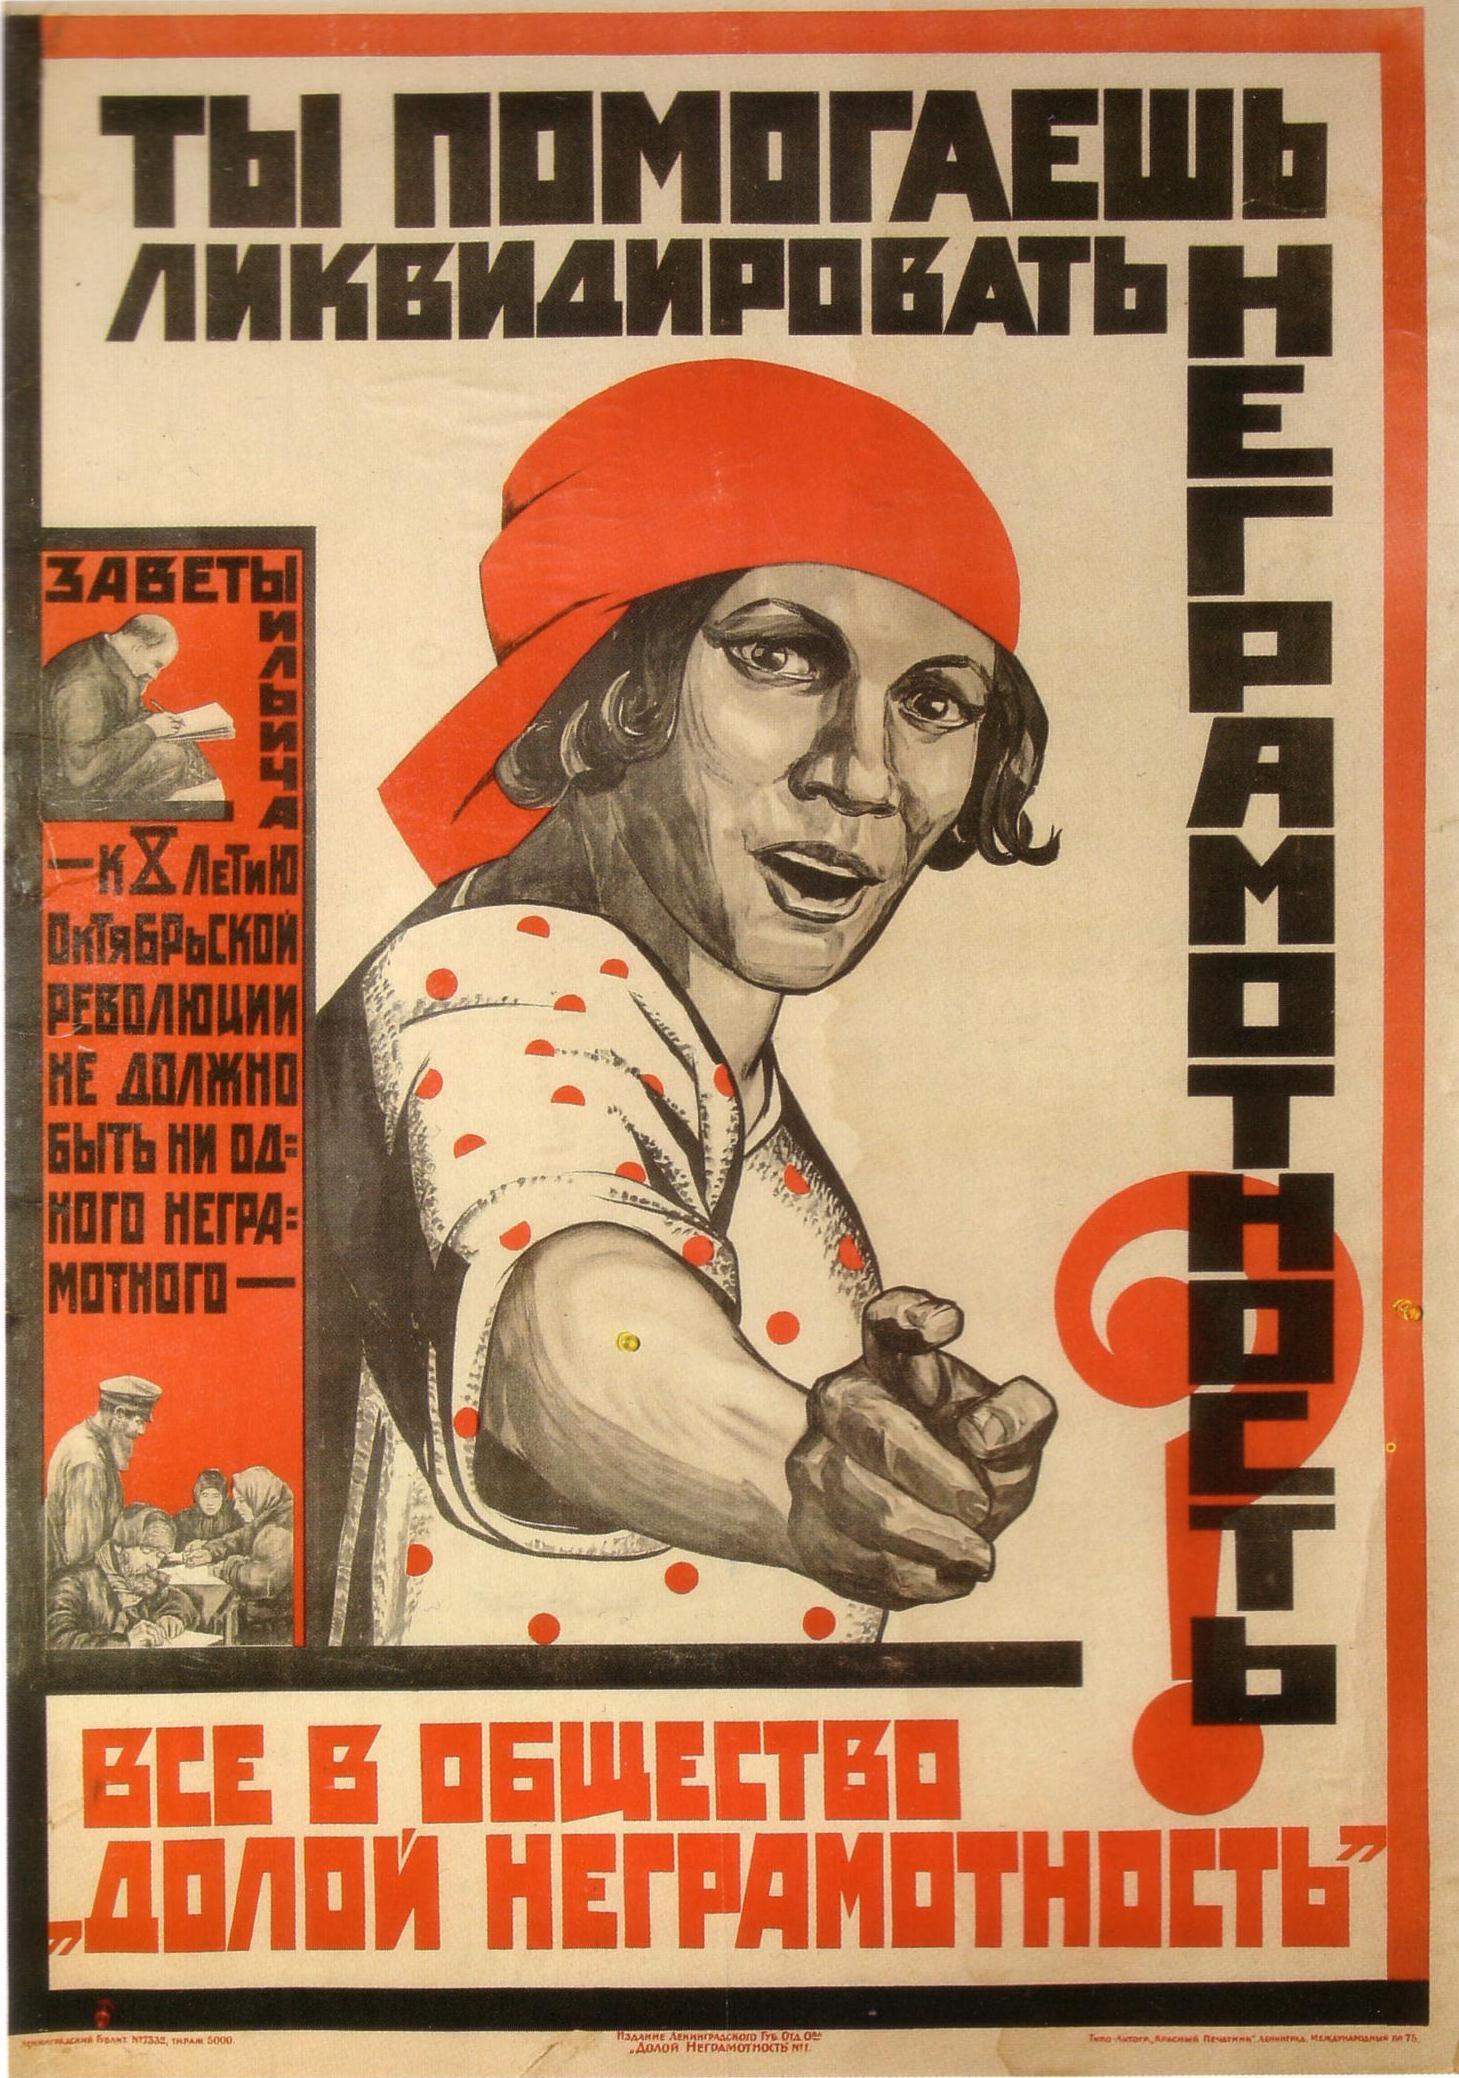 URSS 1925 Contribuez-vous à l'éradication de l'illetrisme